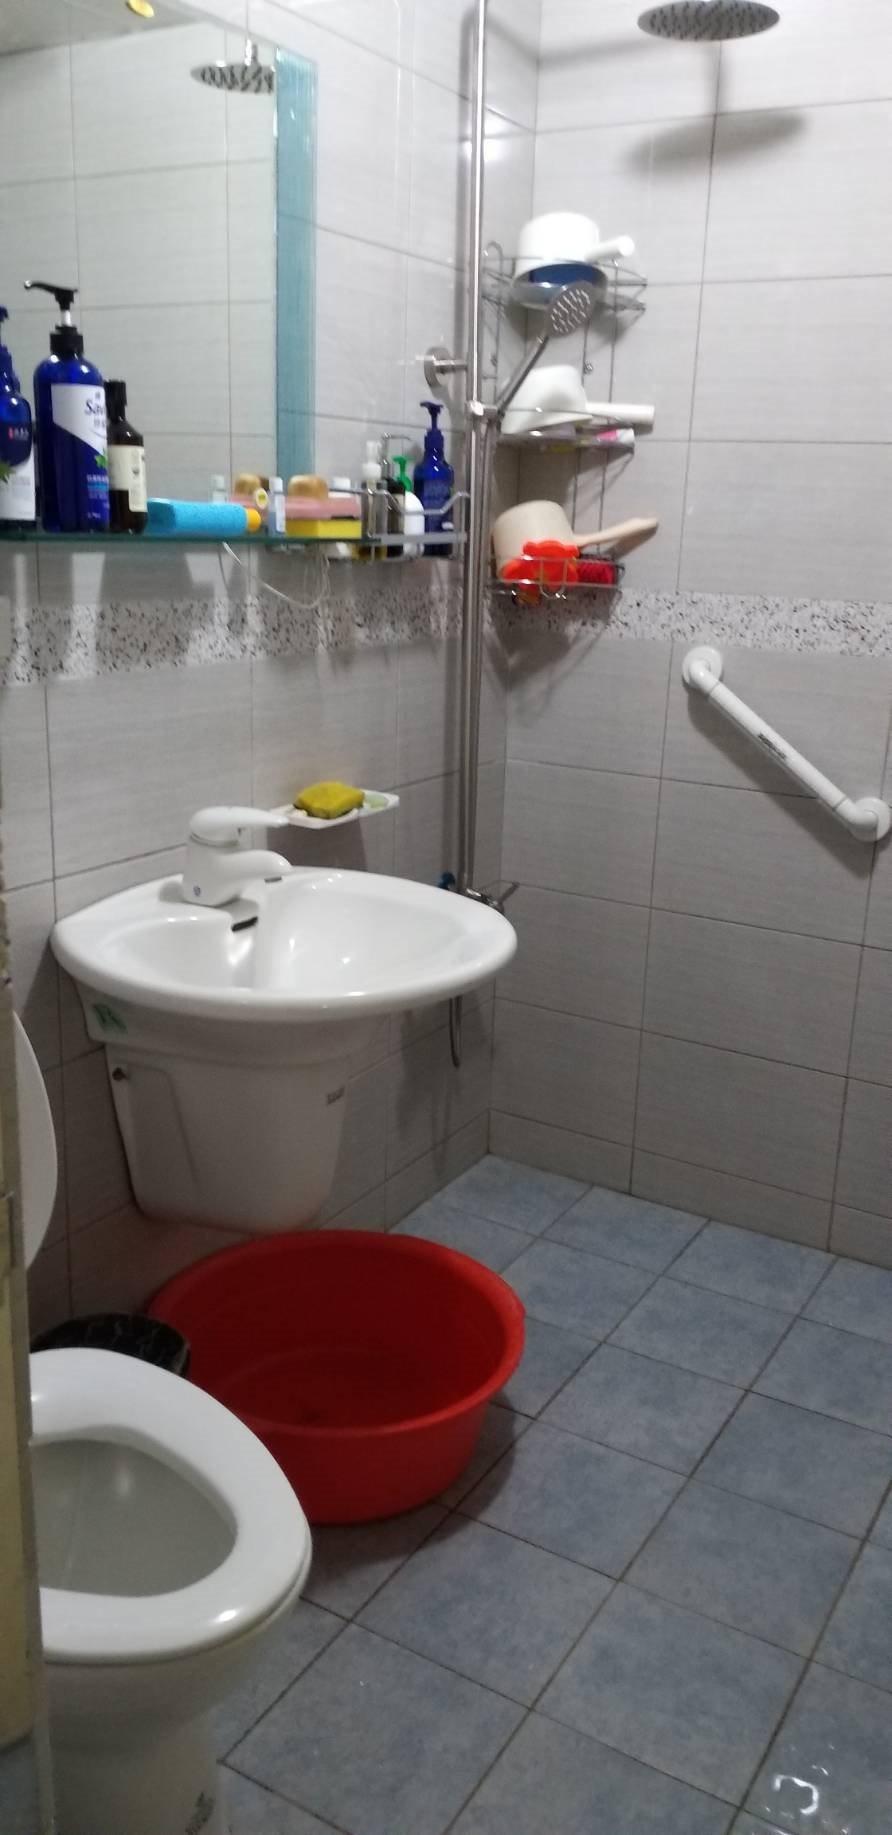 嘉義市有一處身心障礙者家庭托顧站,按規定在浴室內裝設扶手等設計,但至今仍找不到個...